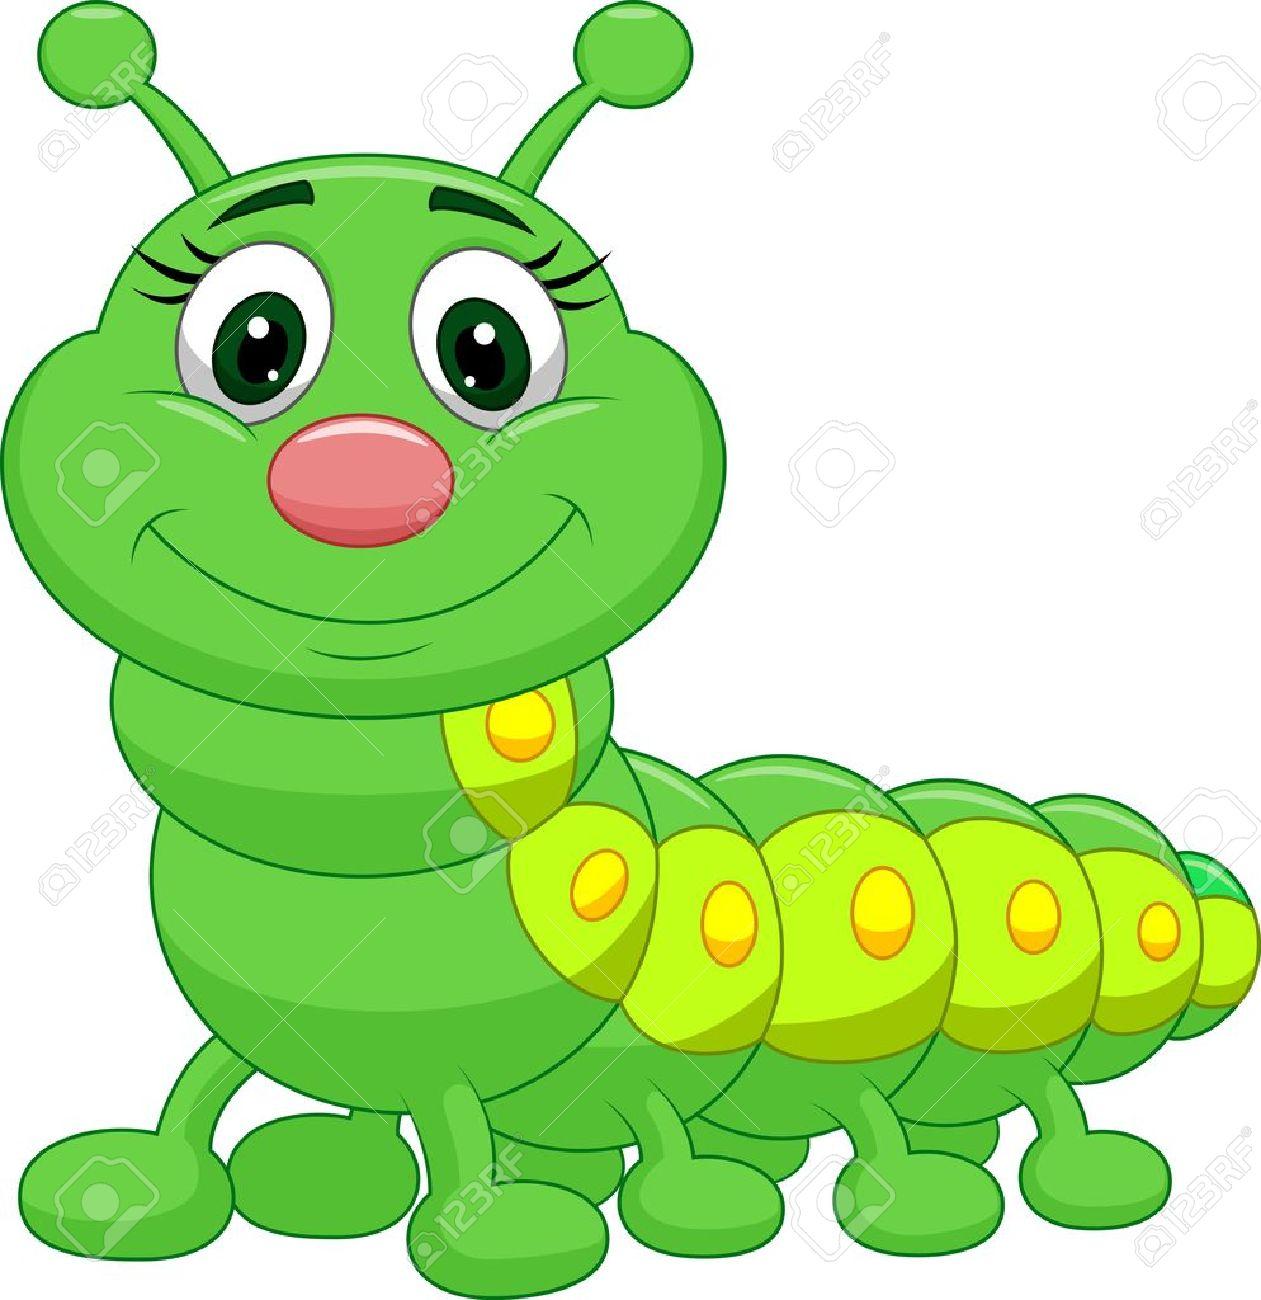 Cute green caterpillar cartoon.